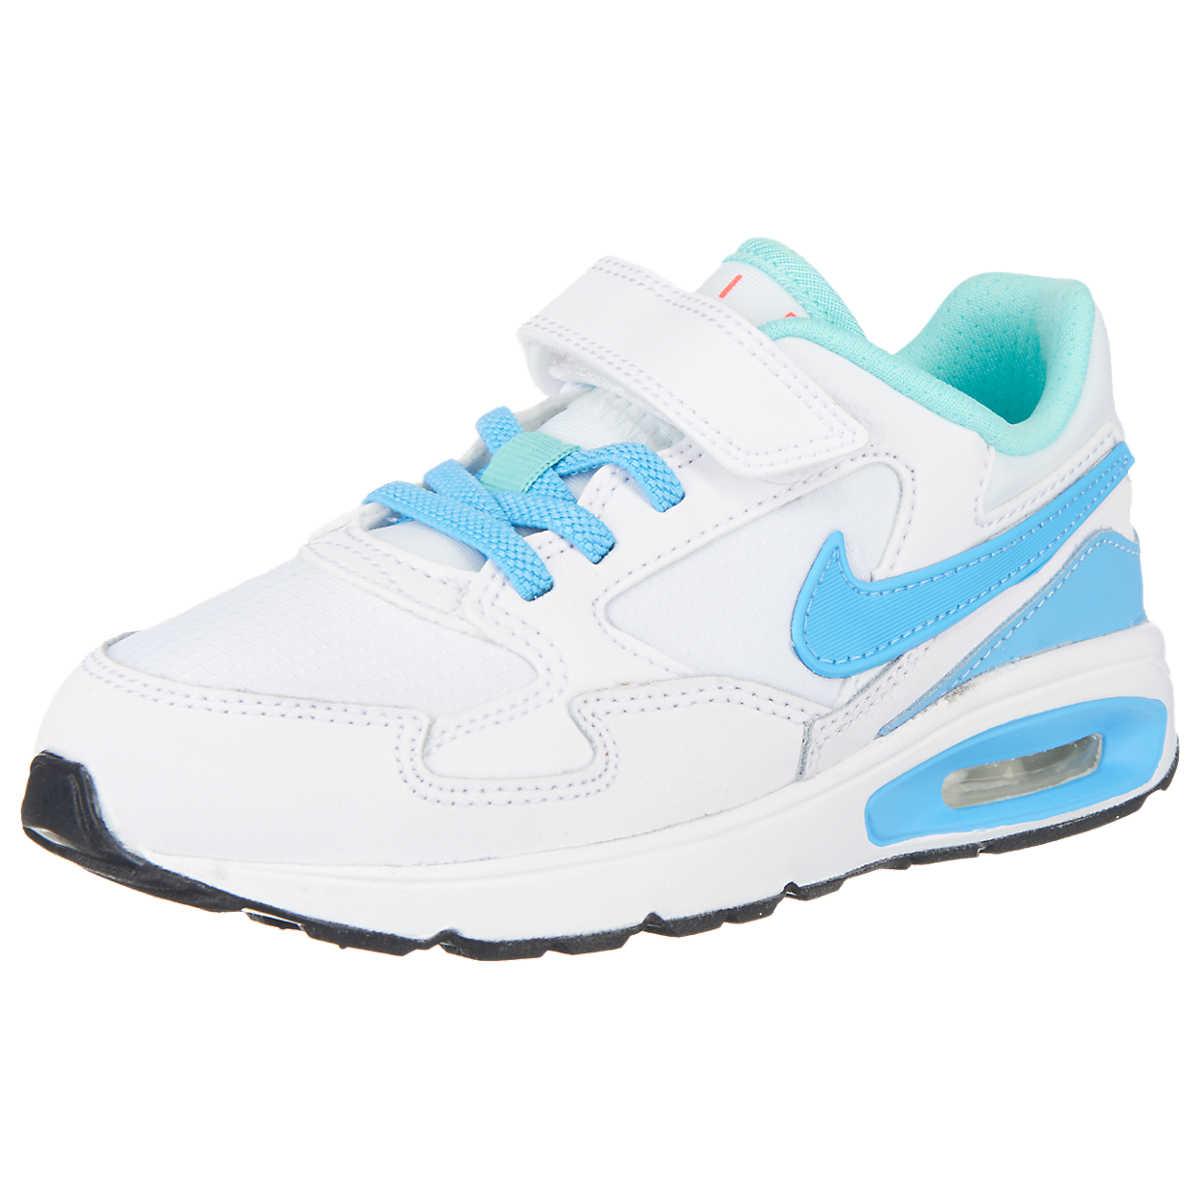 NIKE Air Max Sneaker für Kinder weiß Mädchen